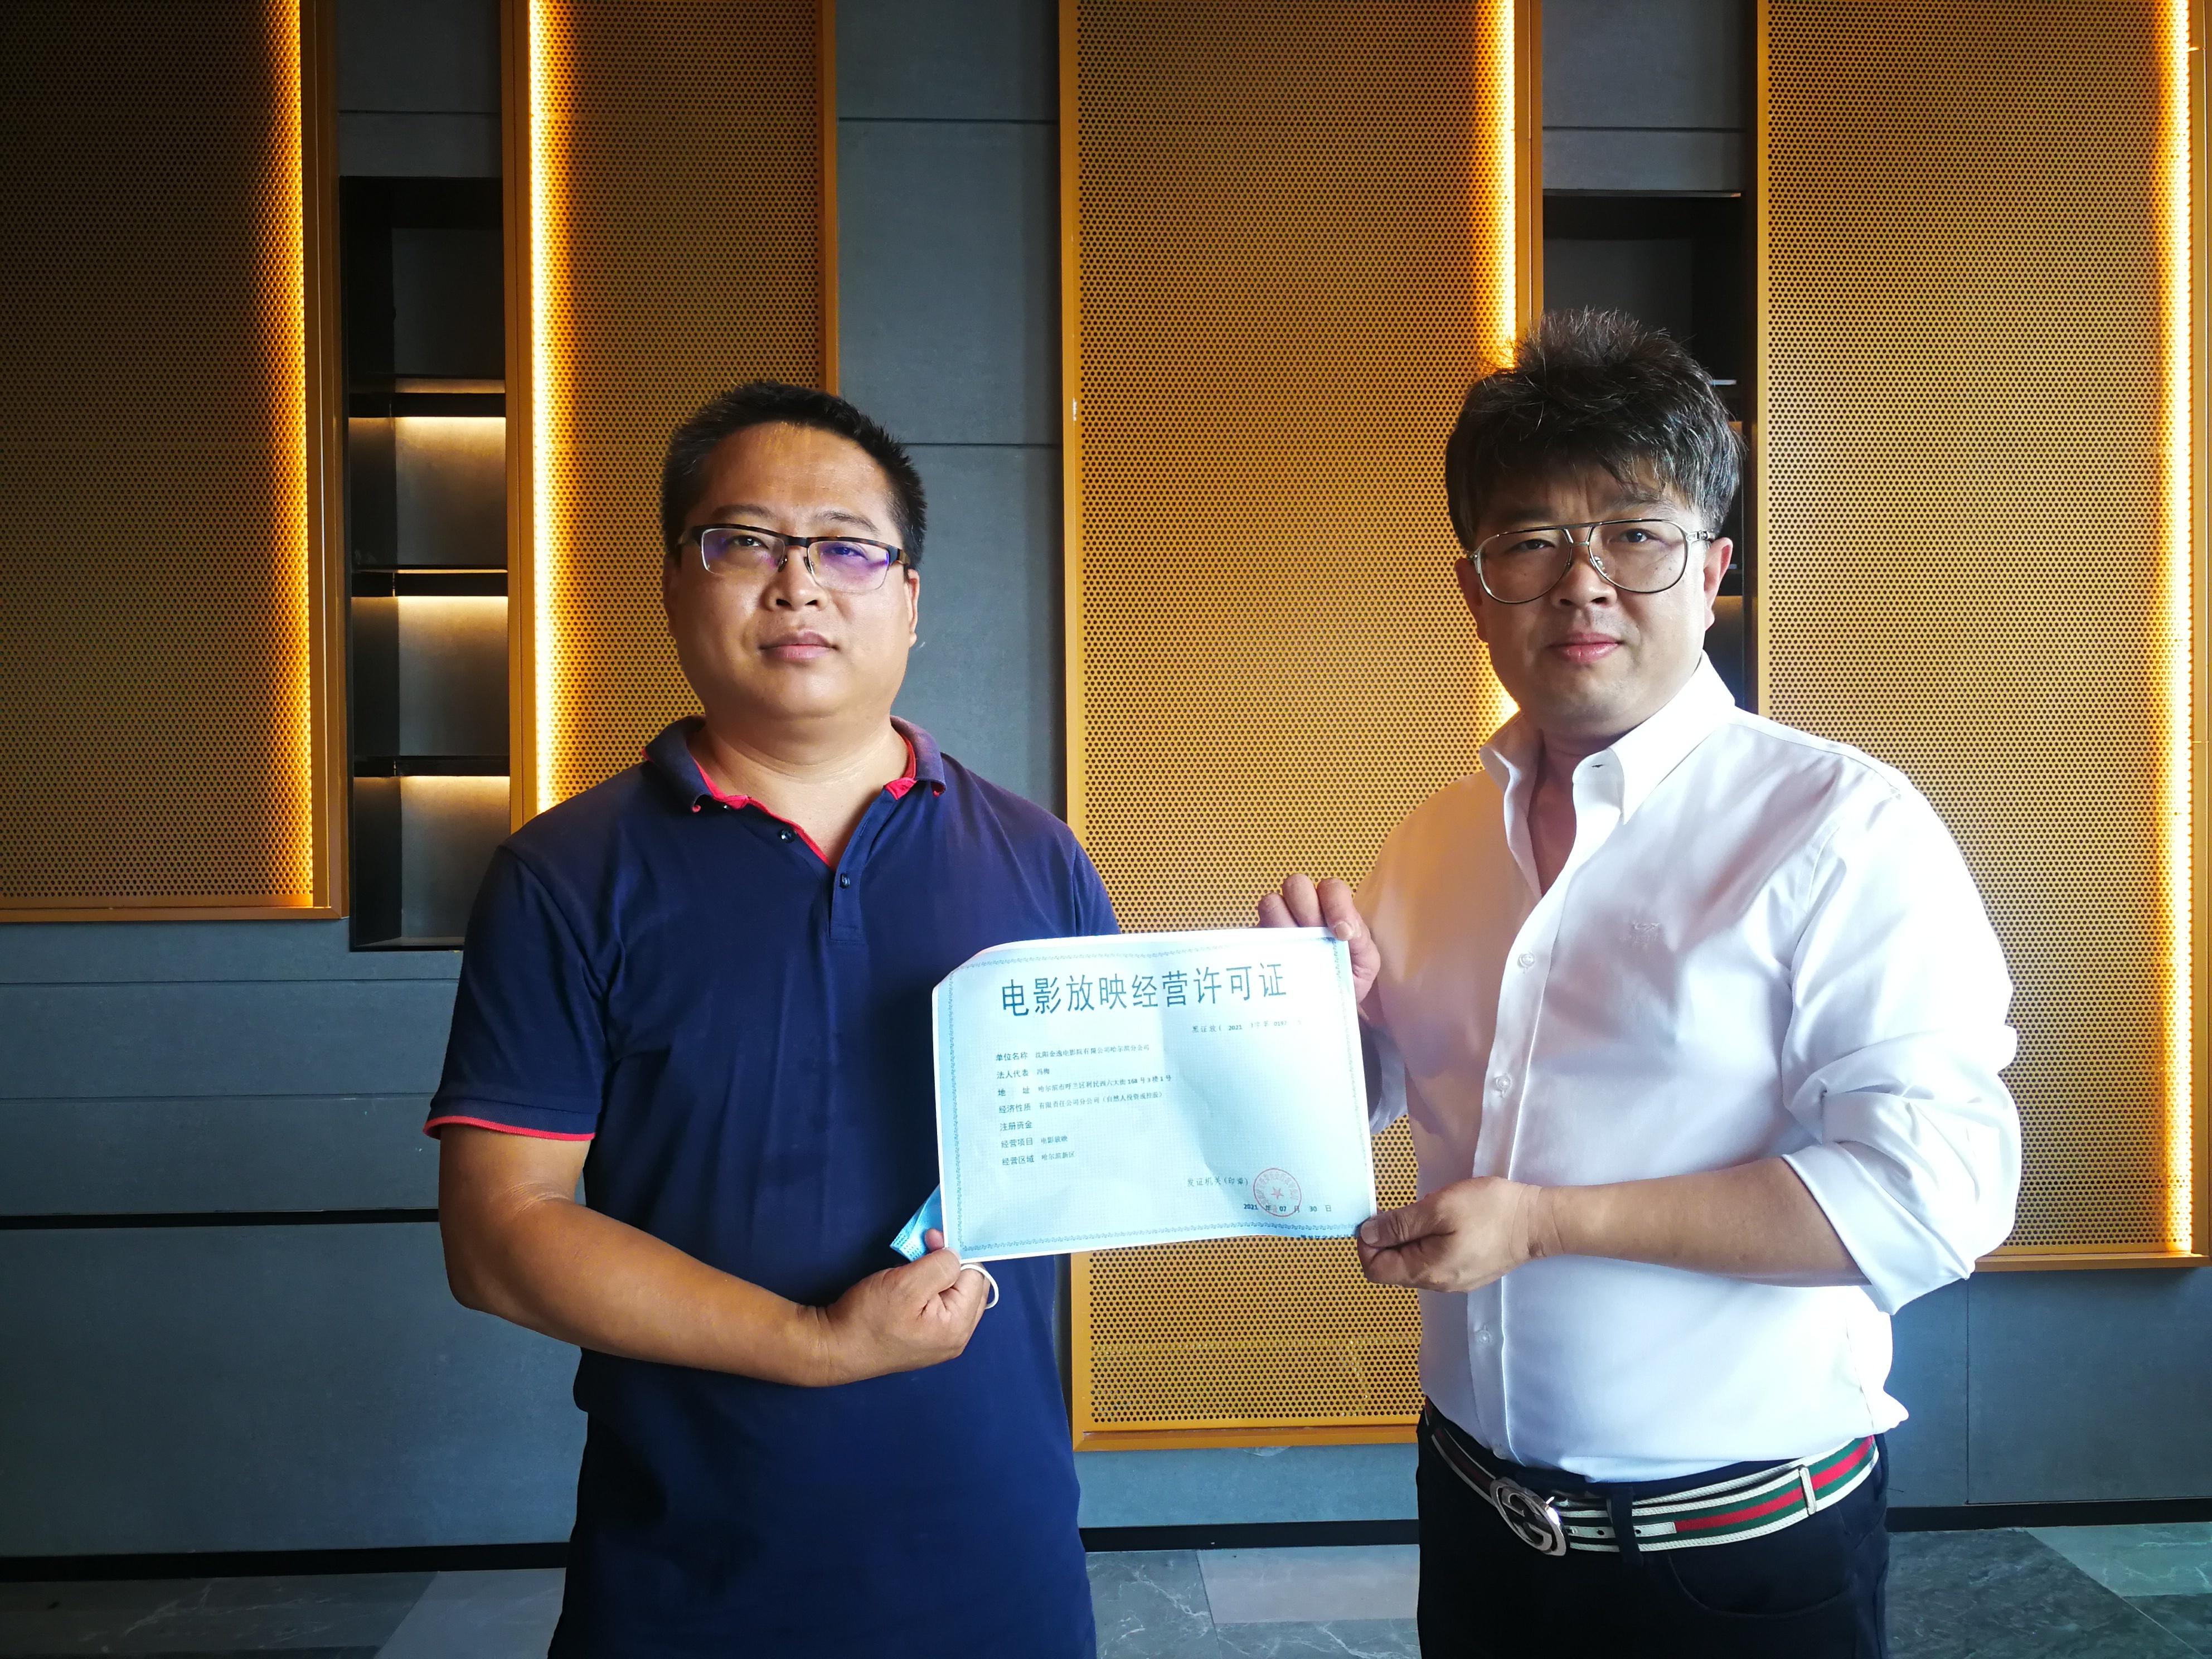 董偉(右)拿到電影放映許可證